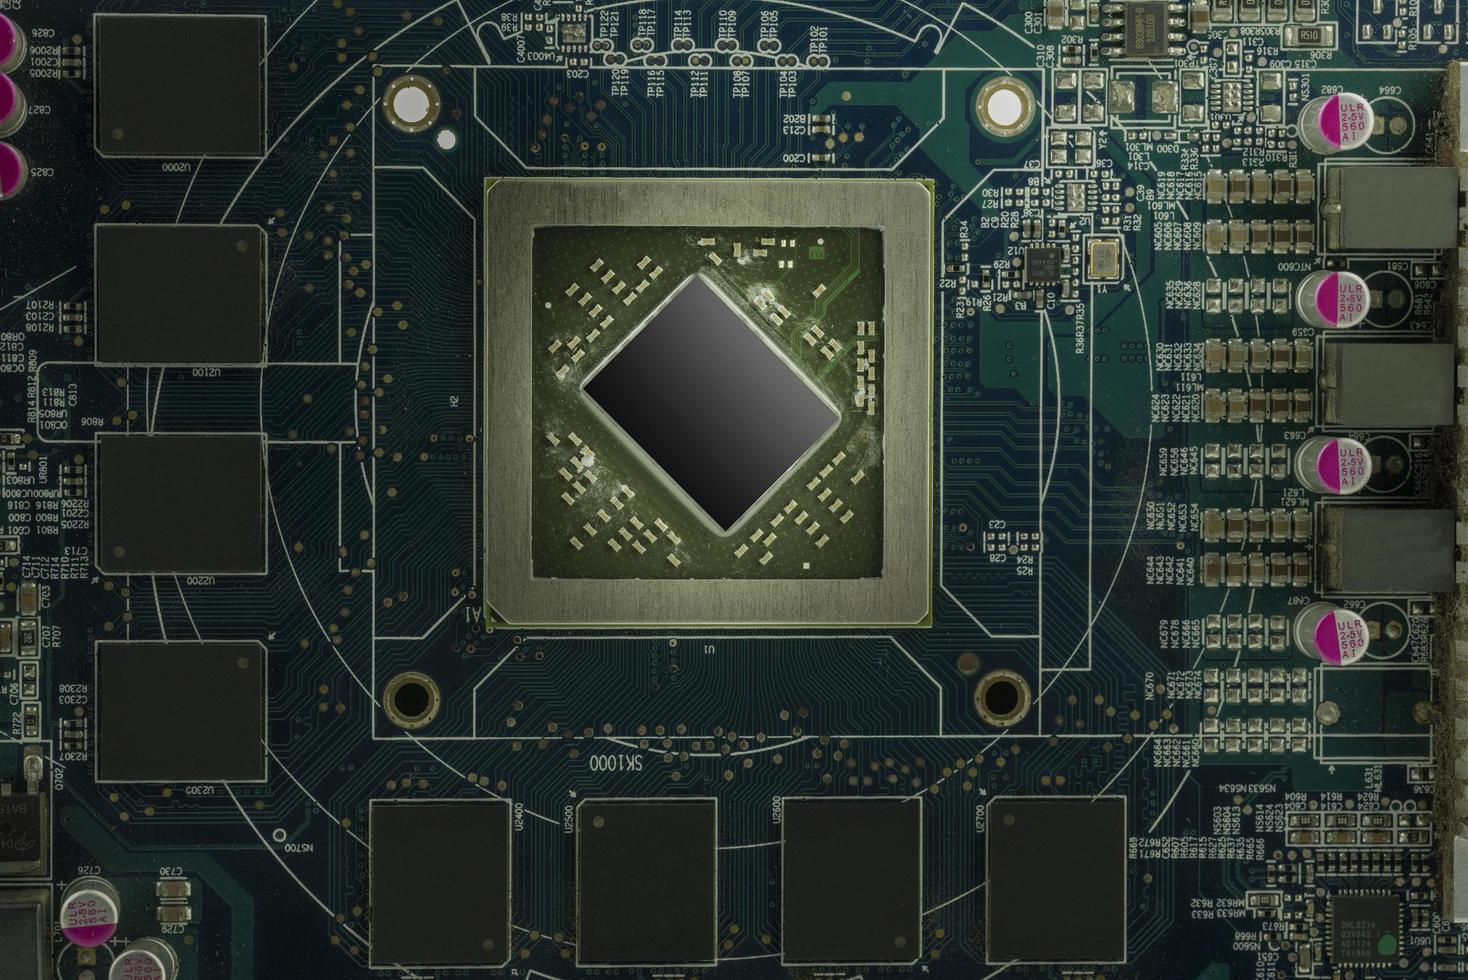 elektroniskt kretskort med processor foto